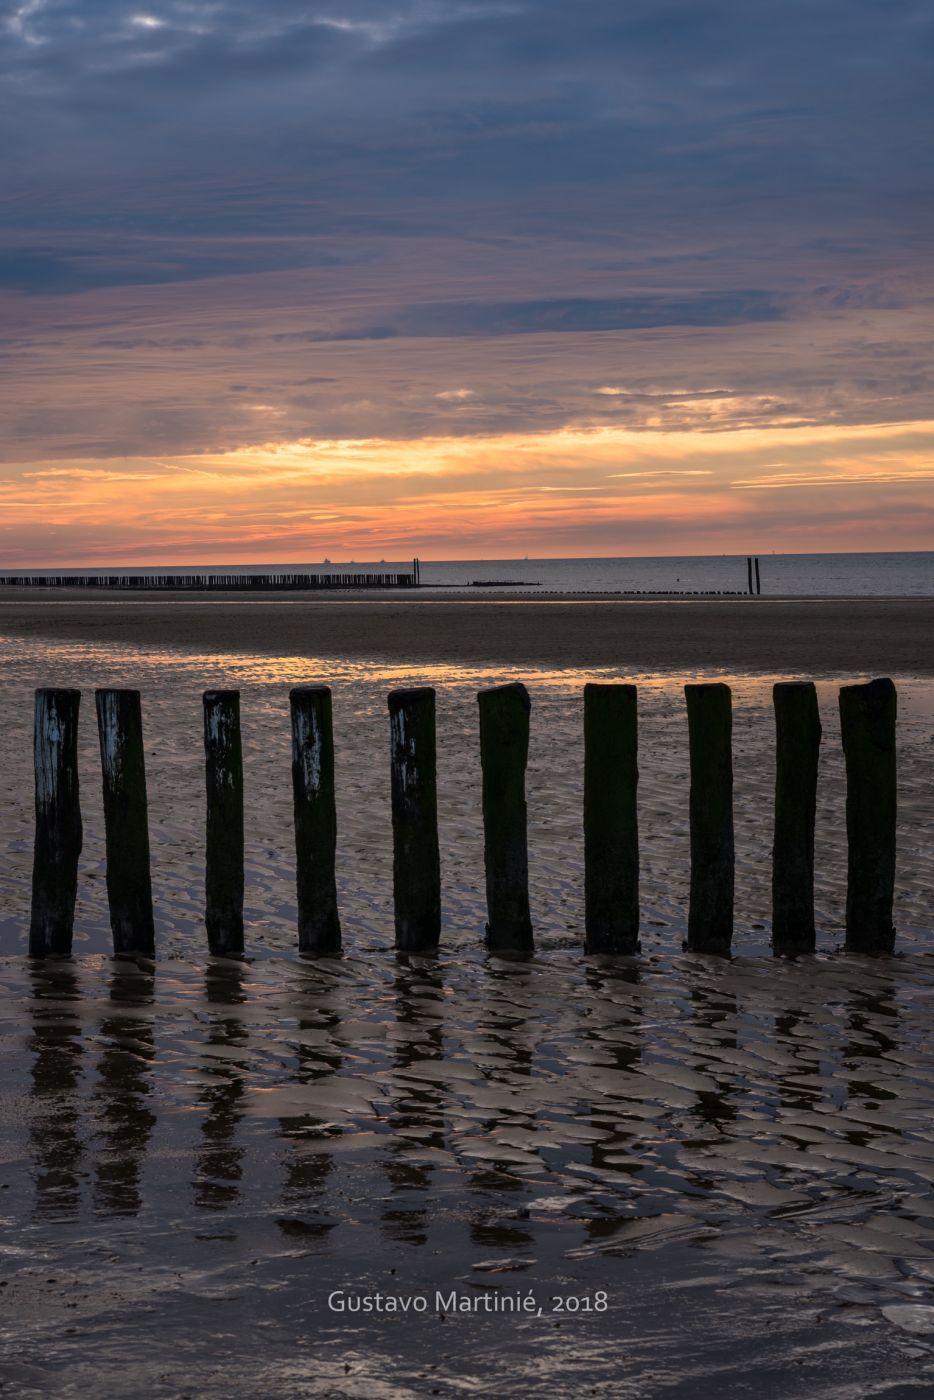 Groede beach, Netherlands